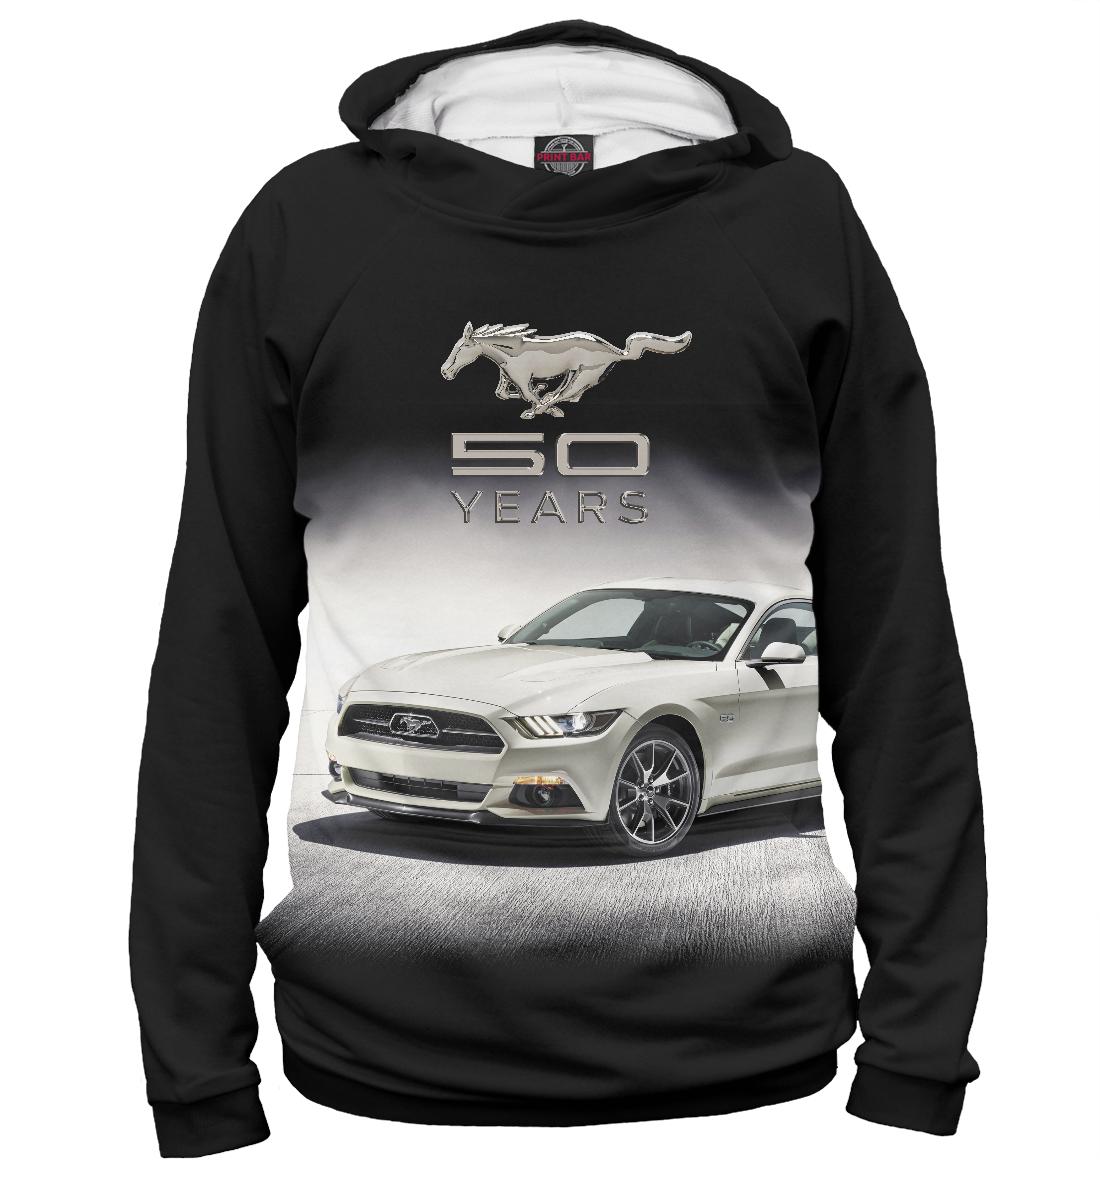 Фото - Mustang 50 years years